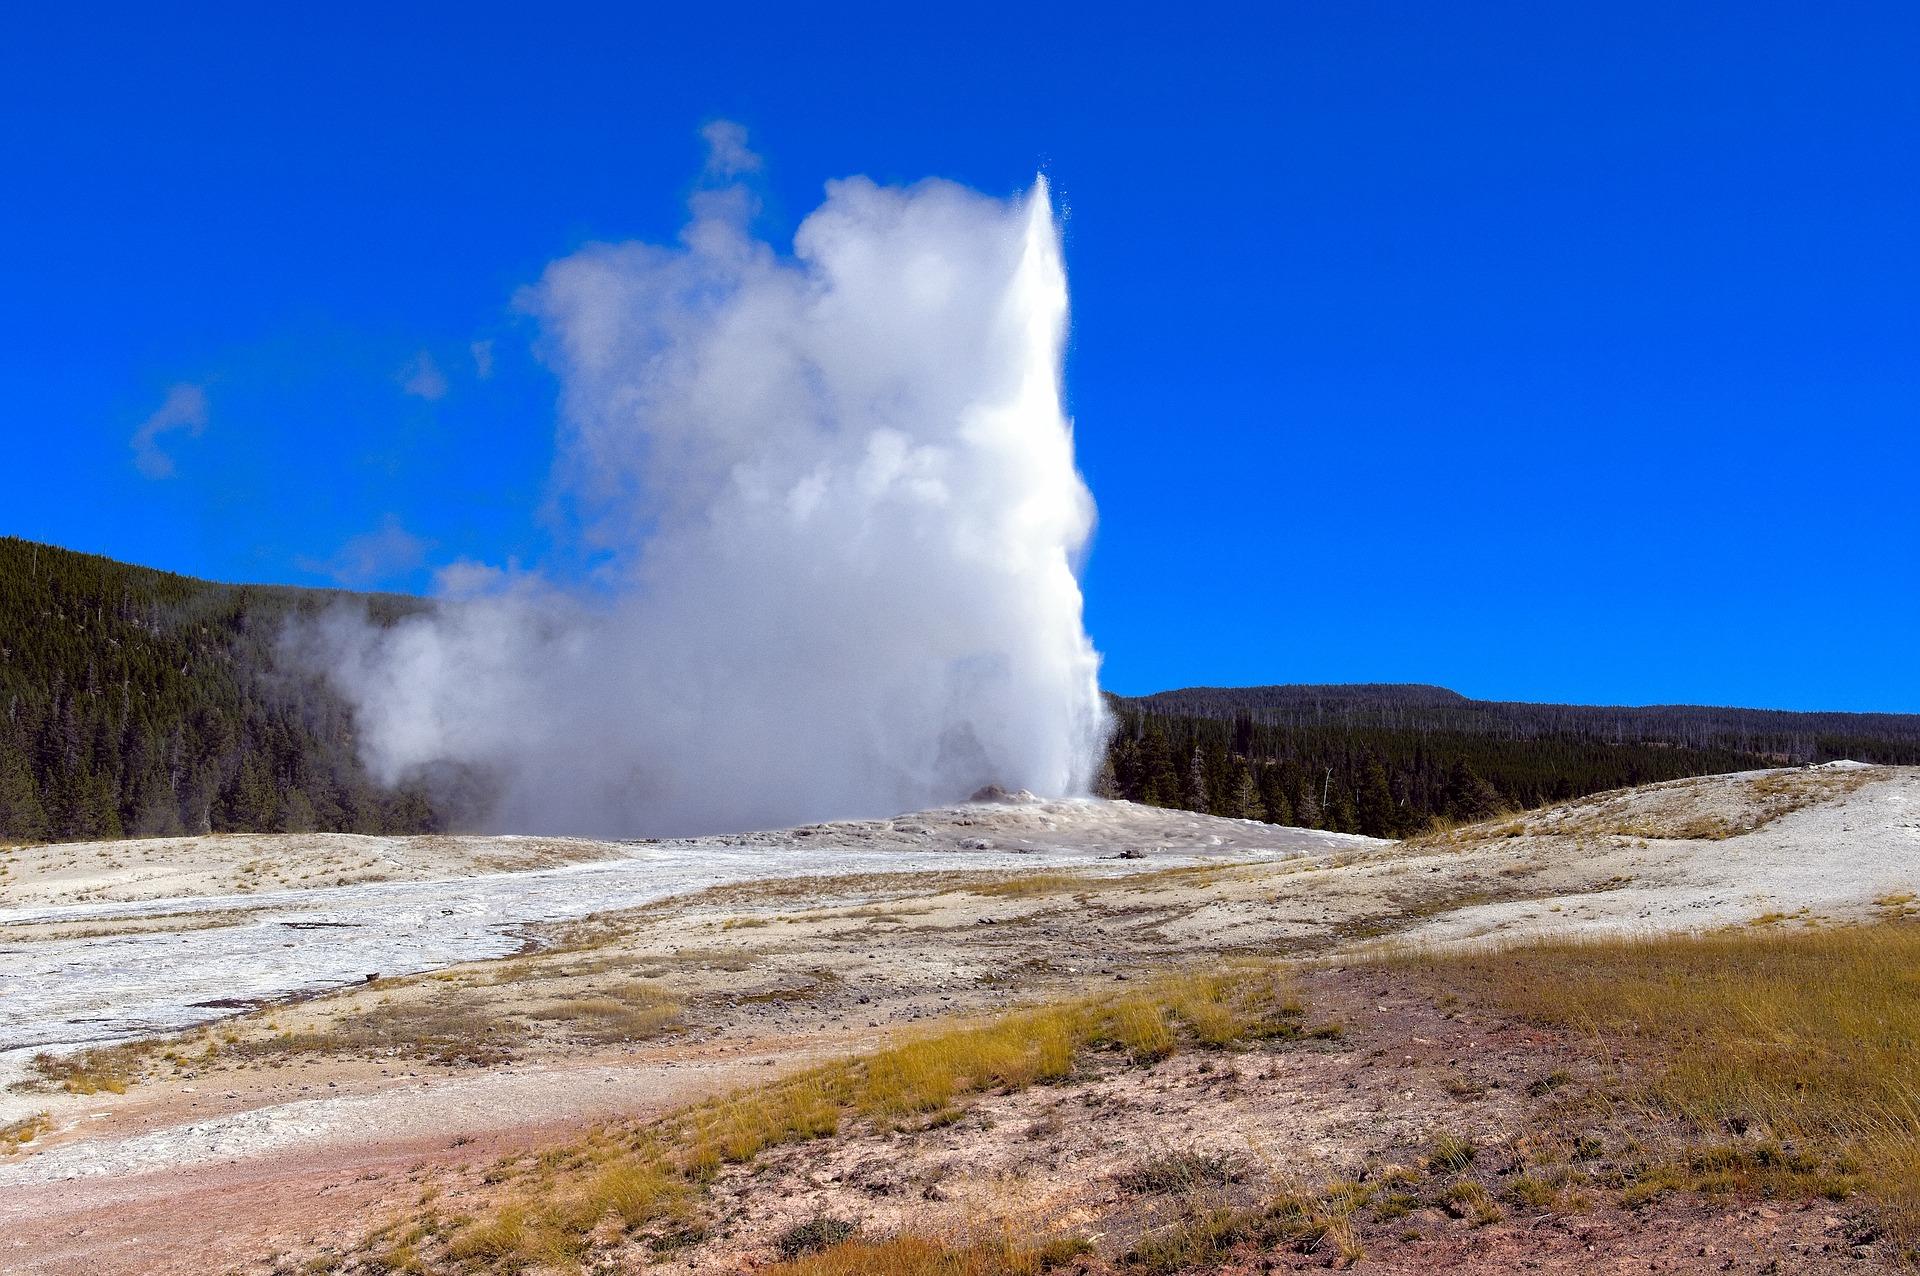 西班牙原野突然冒出間歇泉 噴水十幾米